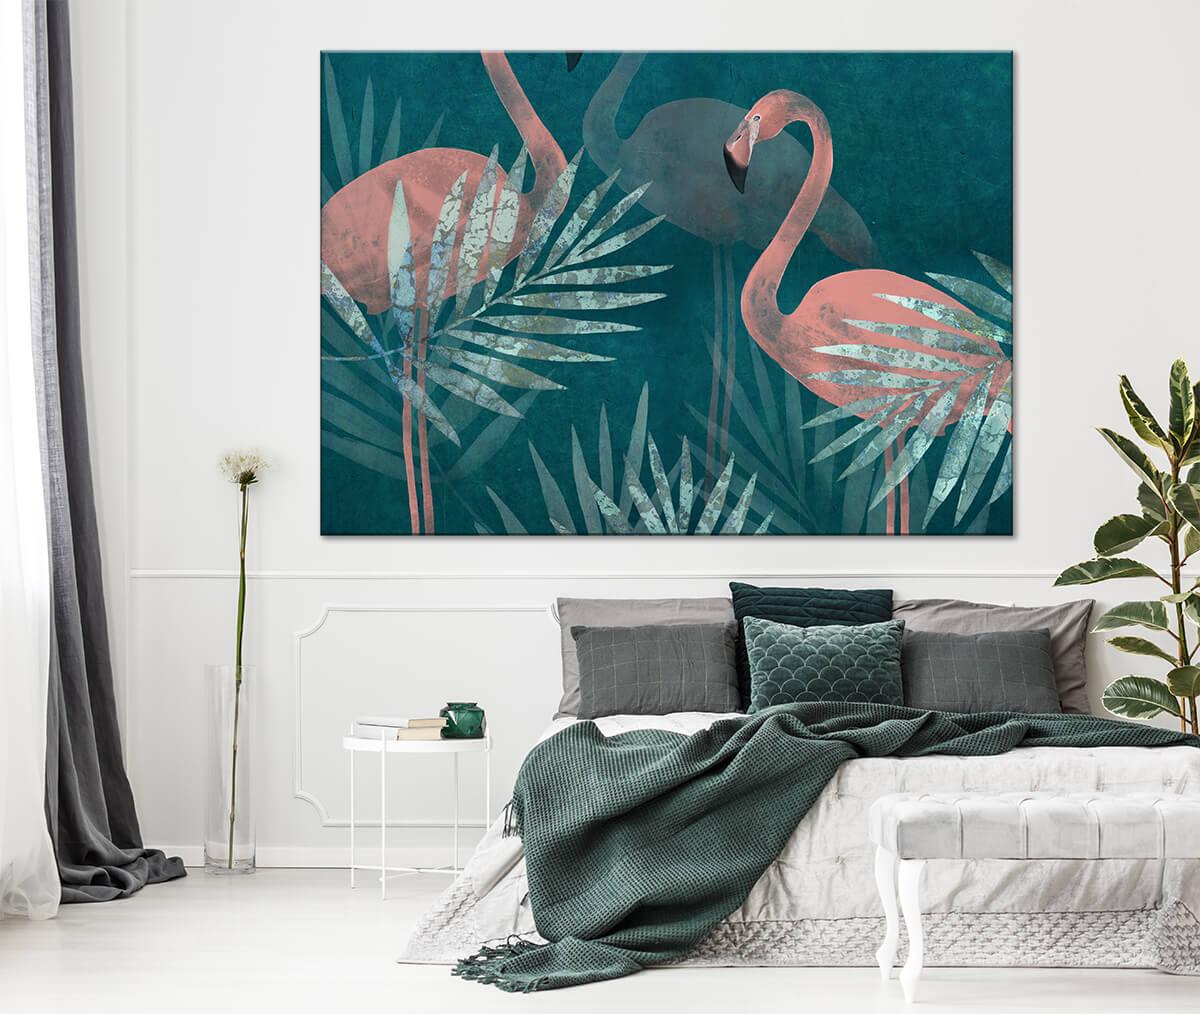 Wnętrze nowoczesnej sypialni z dodatkami w kolorze turkusu i zieleni na ścianie obraz w palmy i flamingi